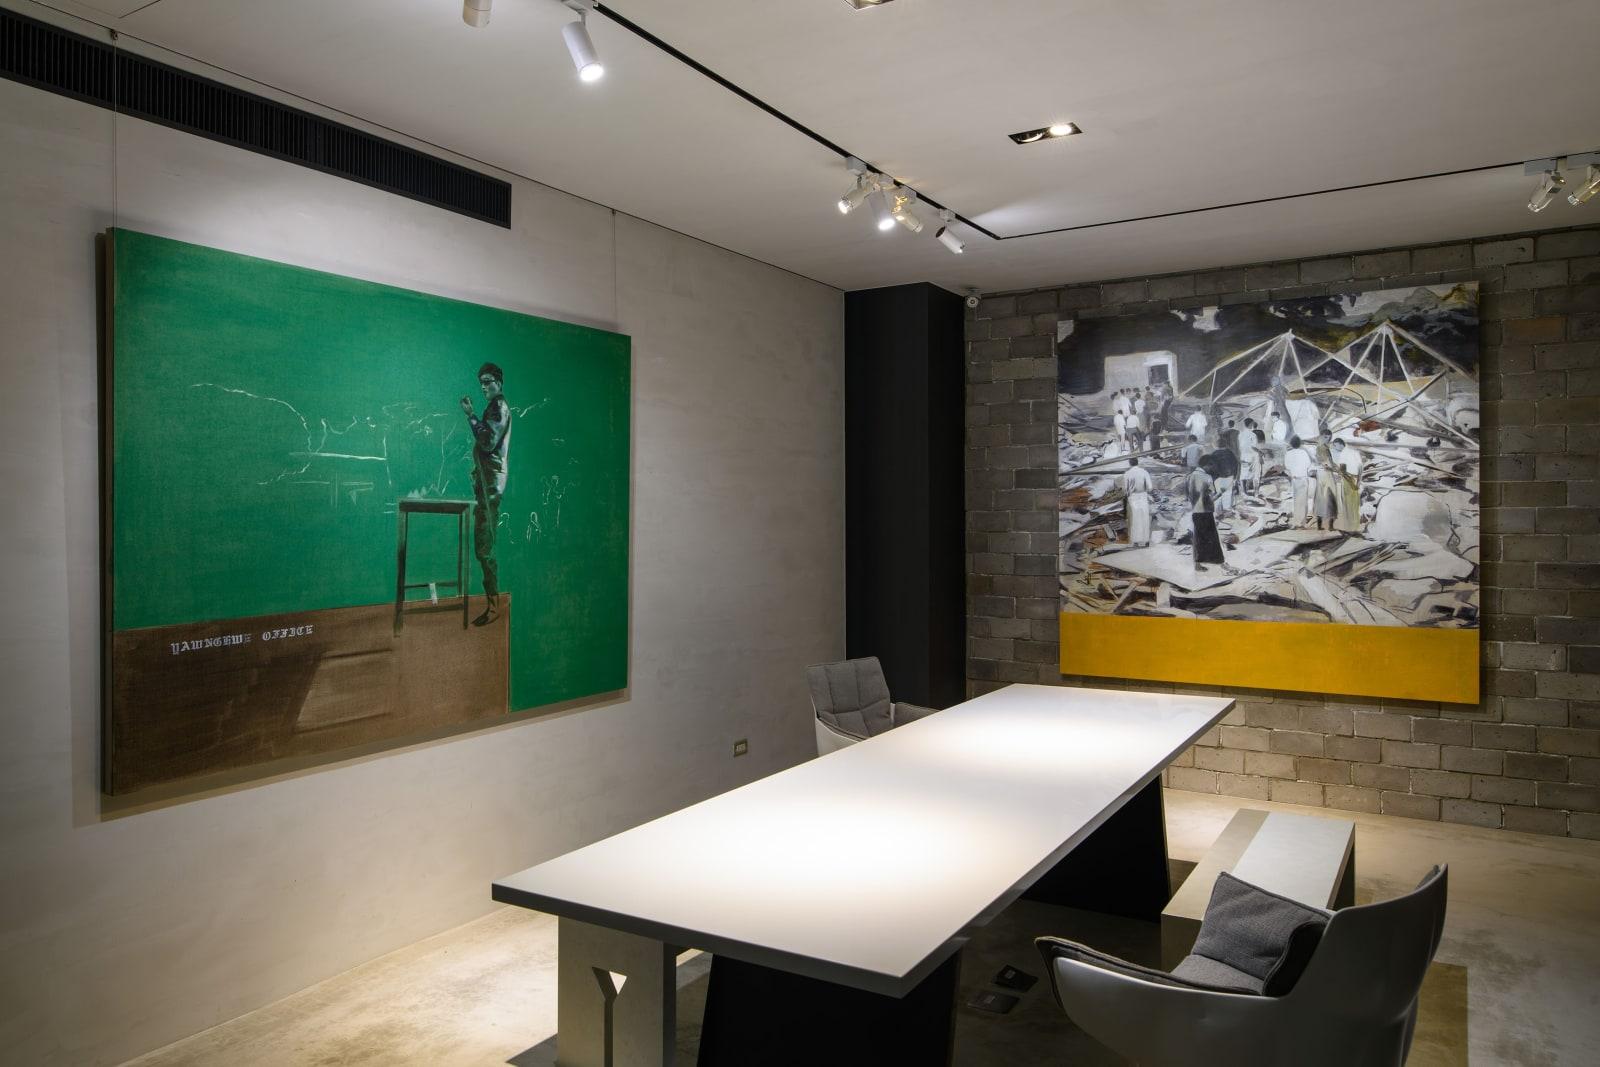 良瑞流亡辦公室 國家博物館:絕對反叛